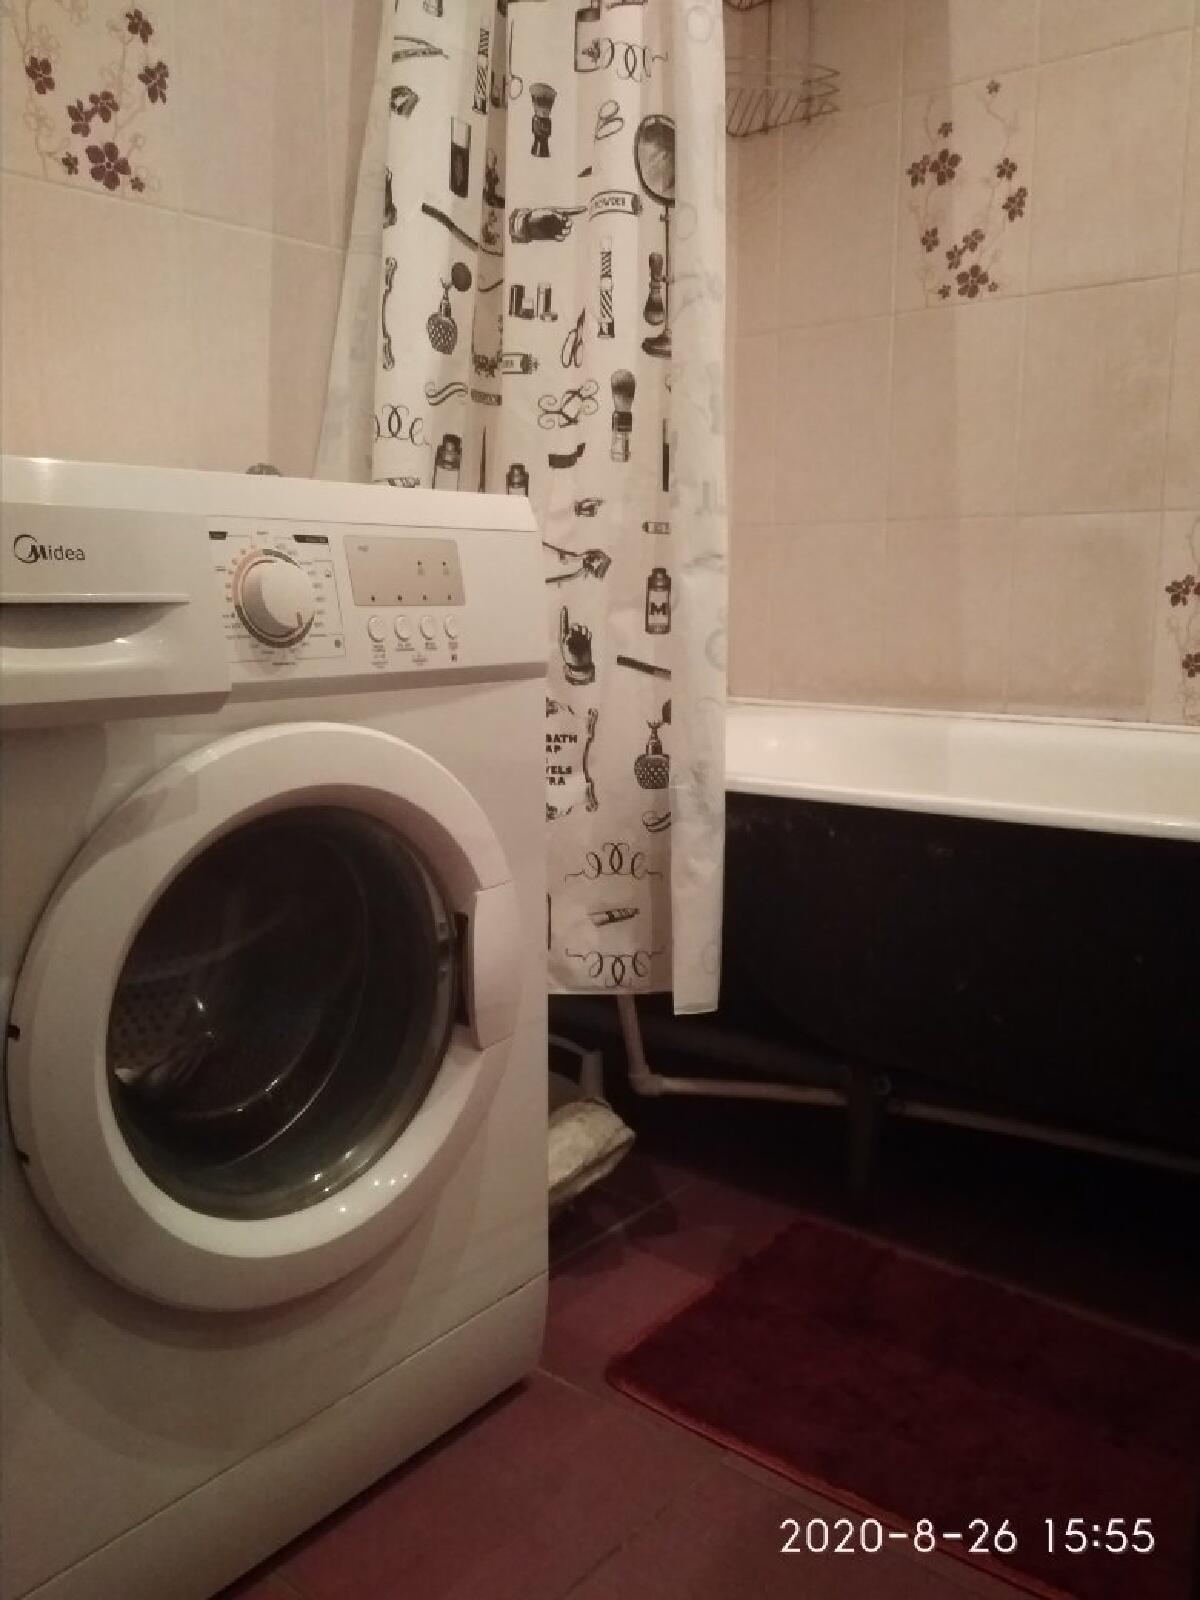 Квартира, 1 комната, 42 м² в Москве 89267515045 купить 8